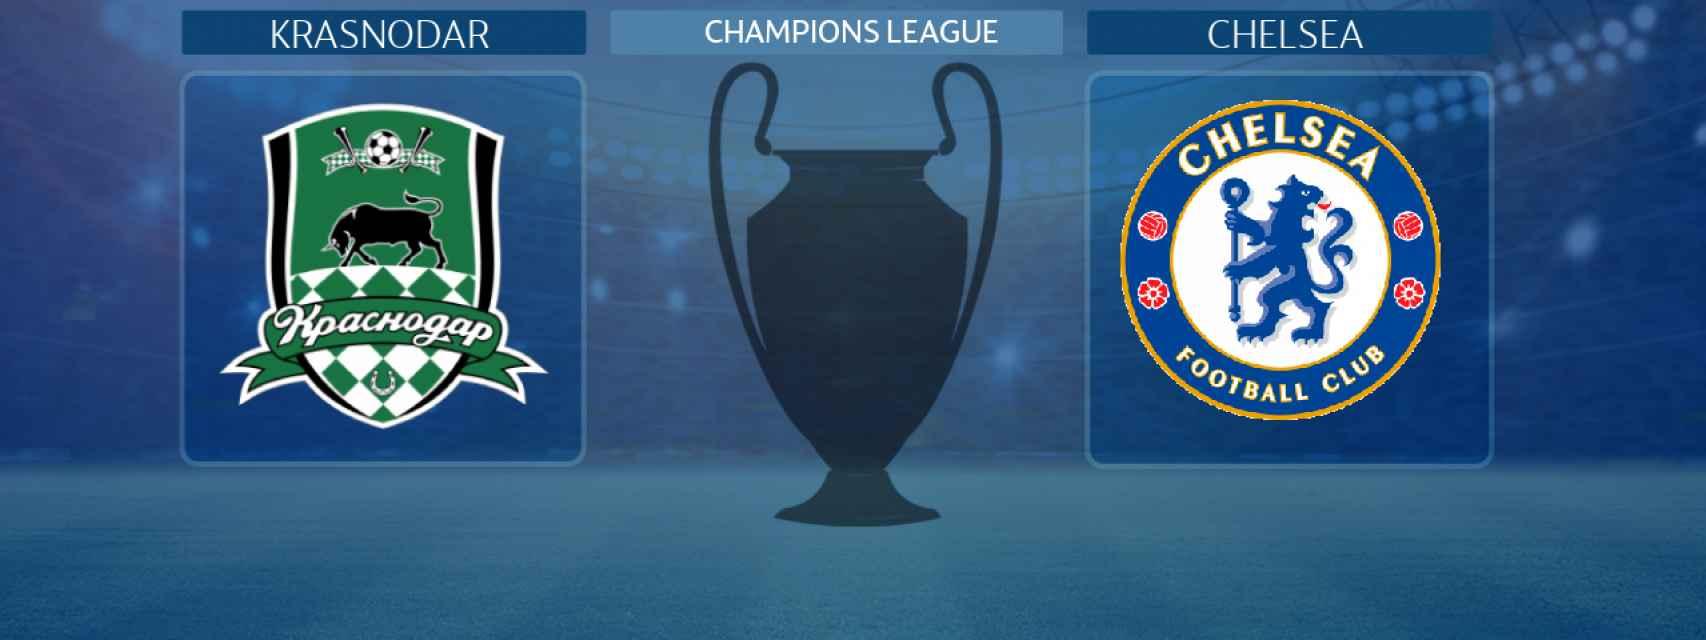 Krasnodar - Chelsea, partido de la Champions League